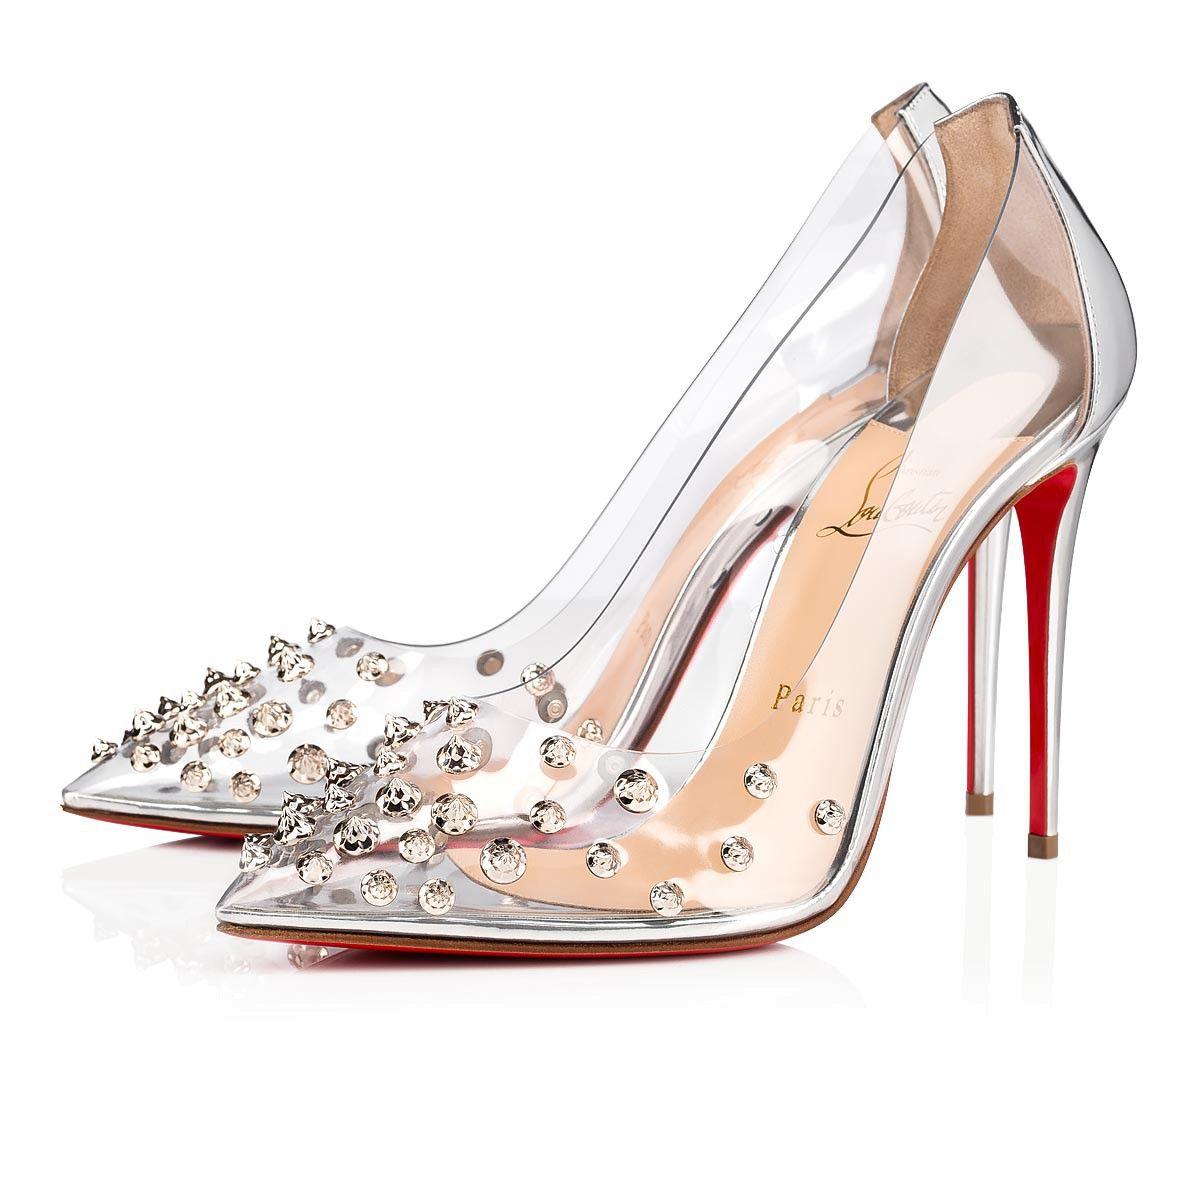 Women shoes, Christian louboutin